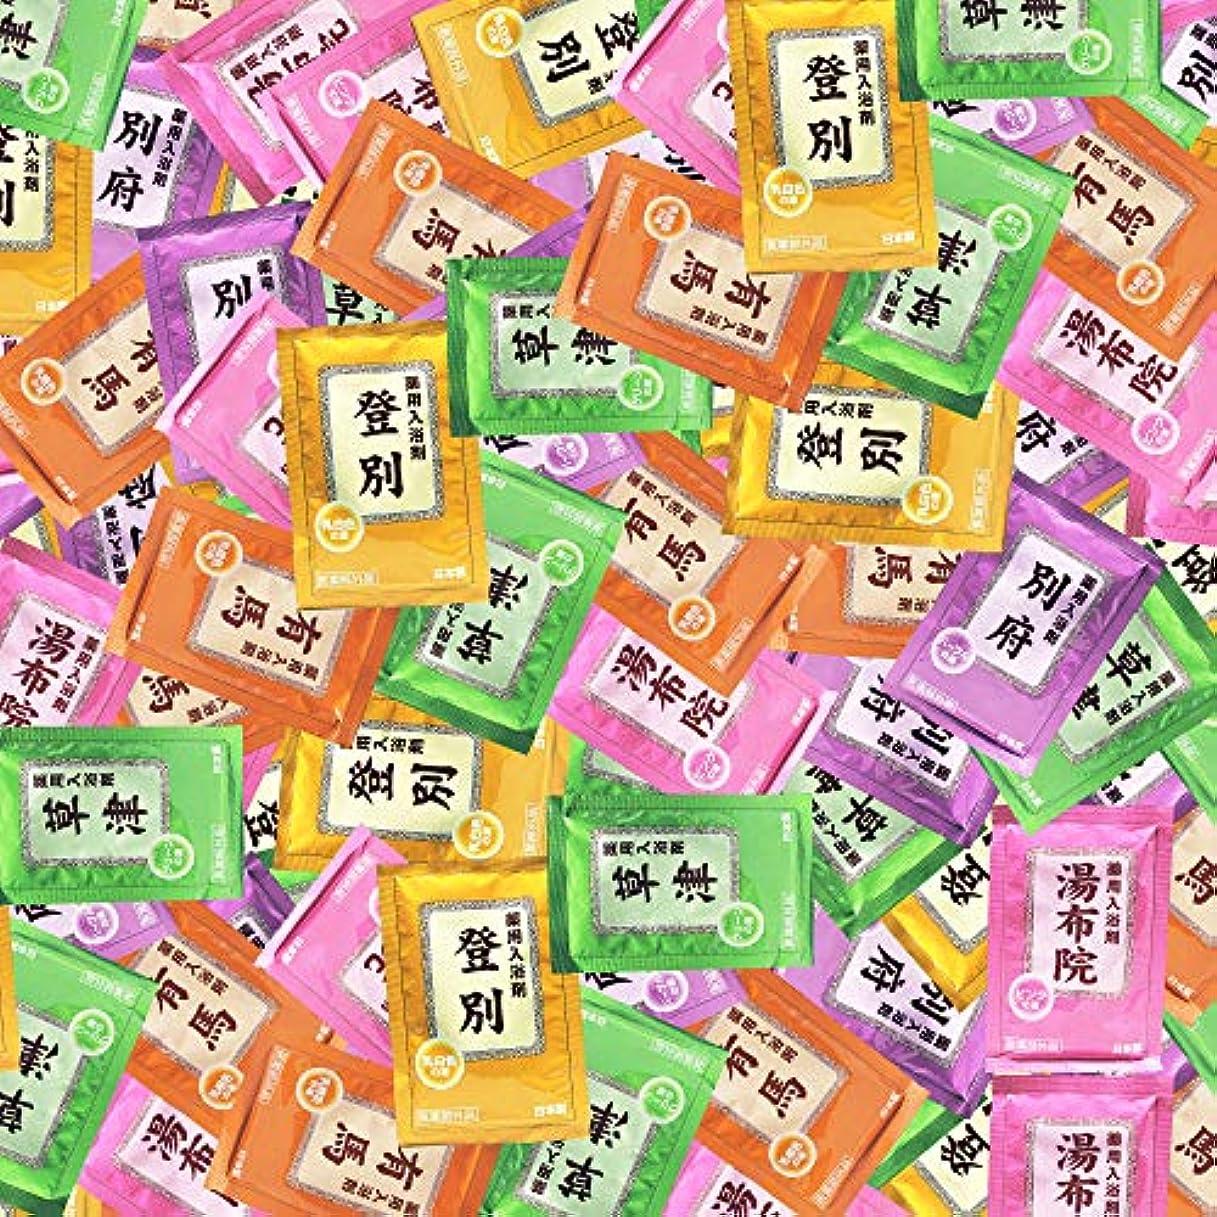 分数未使用置換入浴剤 ギフト プレゼント 湯宿めぐり 5種類 (200袋)セット